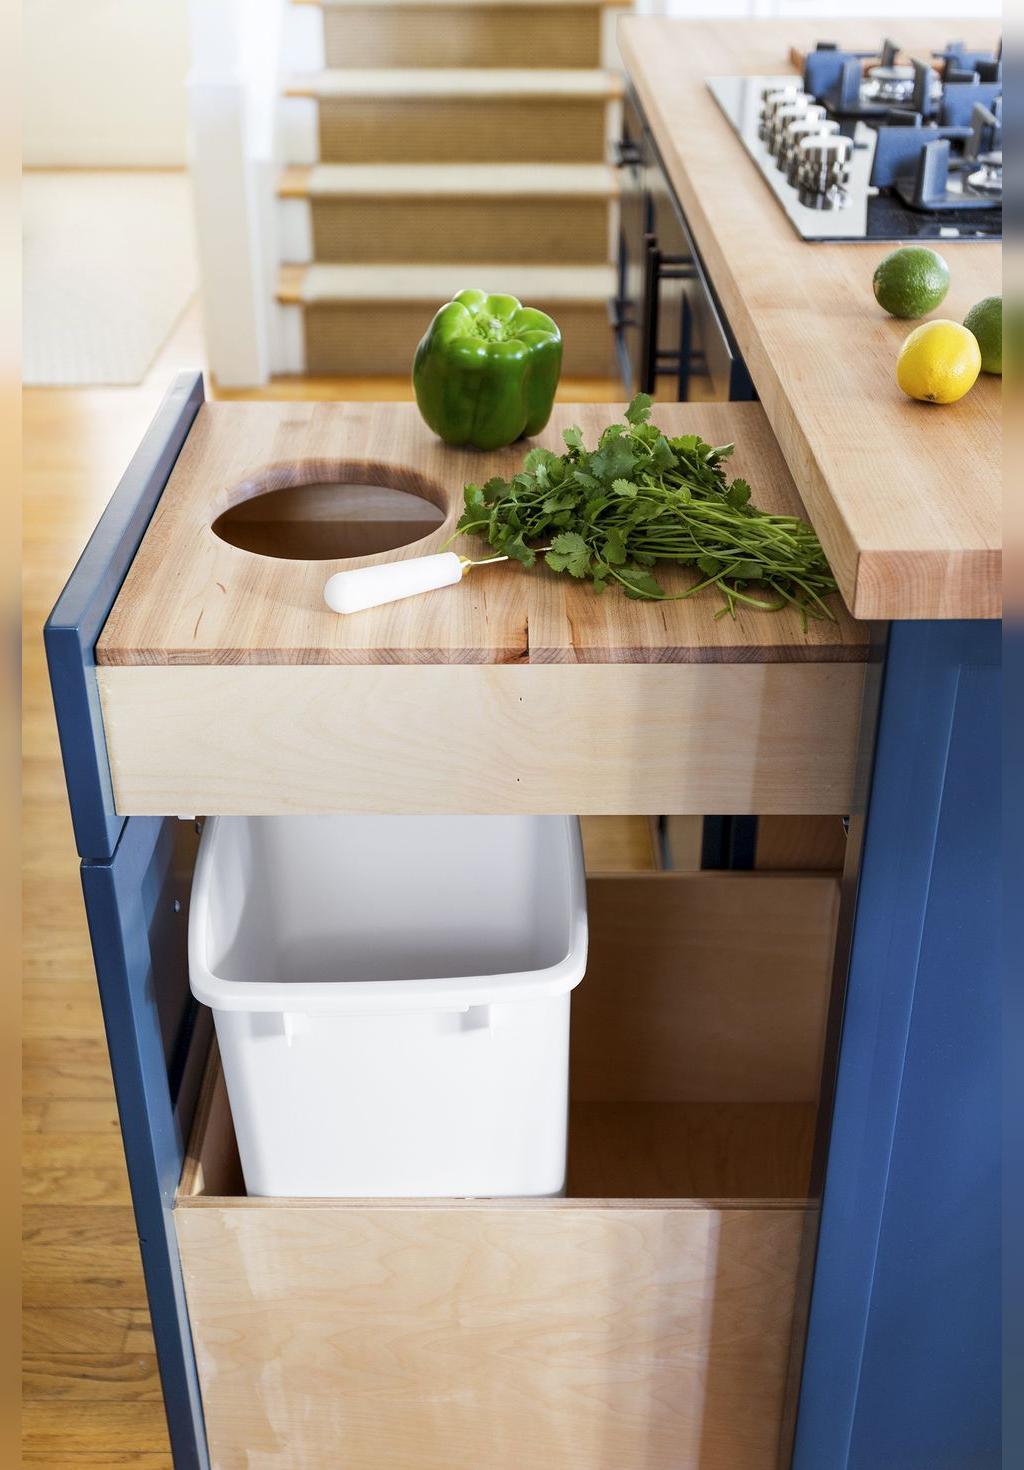 تکنیک های چیدمان آشپزخانه های کوچک